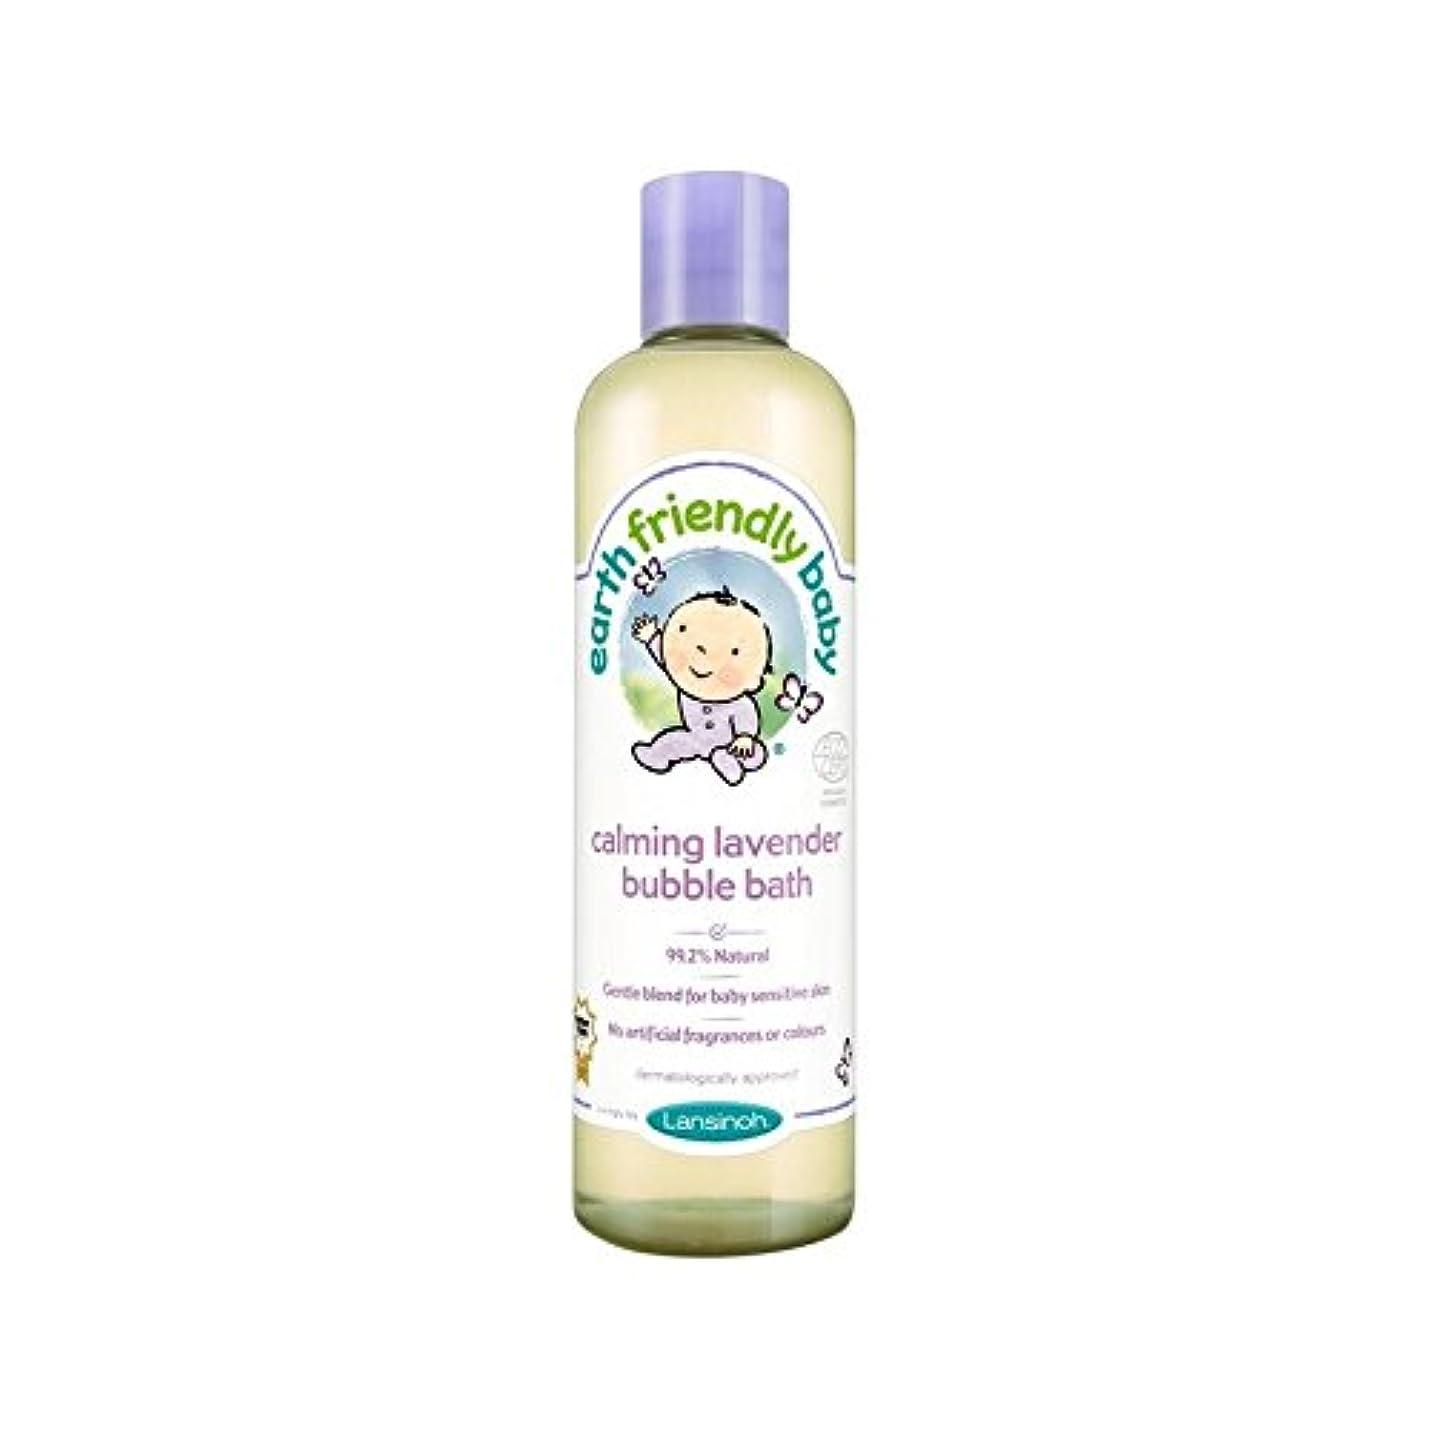 飛行機船マラドロイト赤ちゃん沈静ラベンダー泡風呂のエコサートの300ミリリットル (Earth Friendly) - Earth Friendly Baby Calming Lavender Bubble Bath ECOCERT 300ml [並行輸入品]